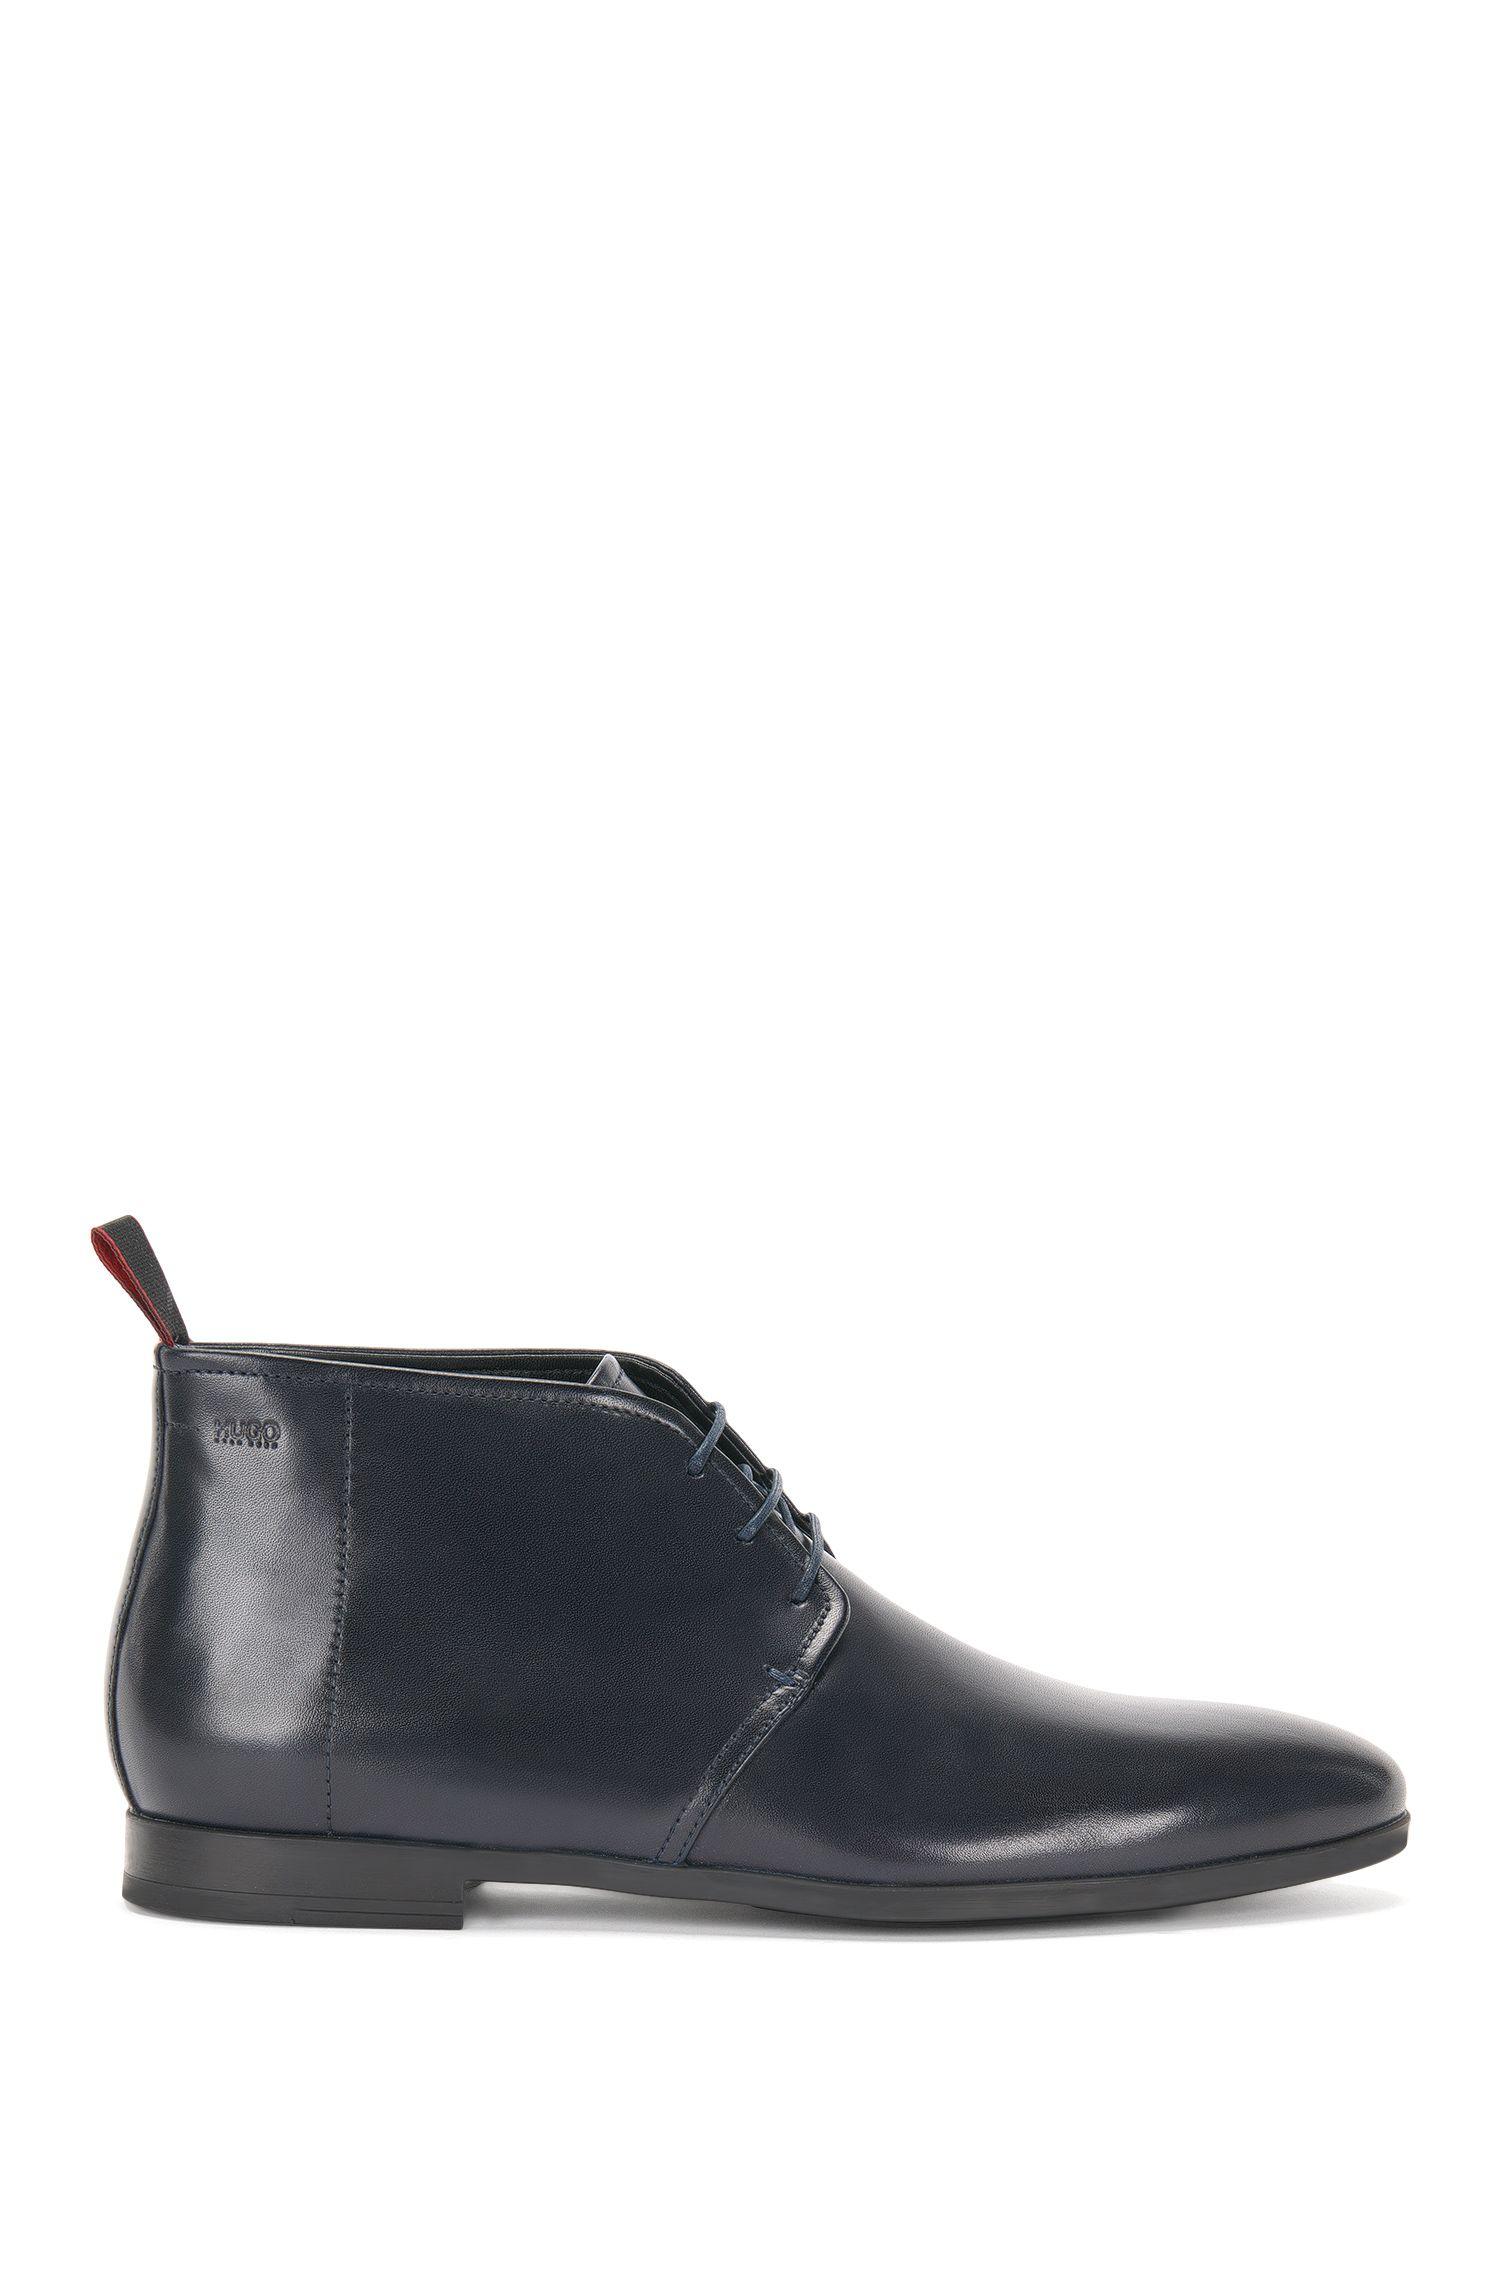 Chaussures à lacets hauteur cheville, en cuir: «Pariss_Desb_3lt»